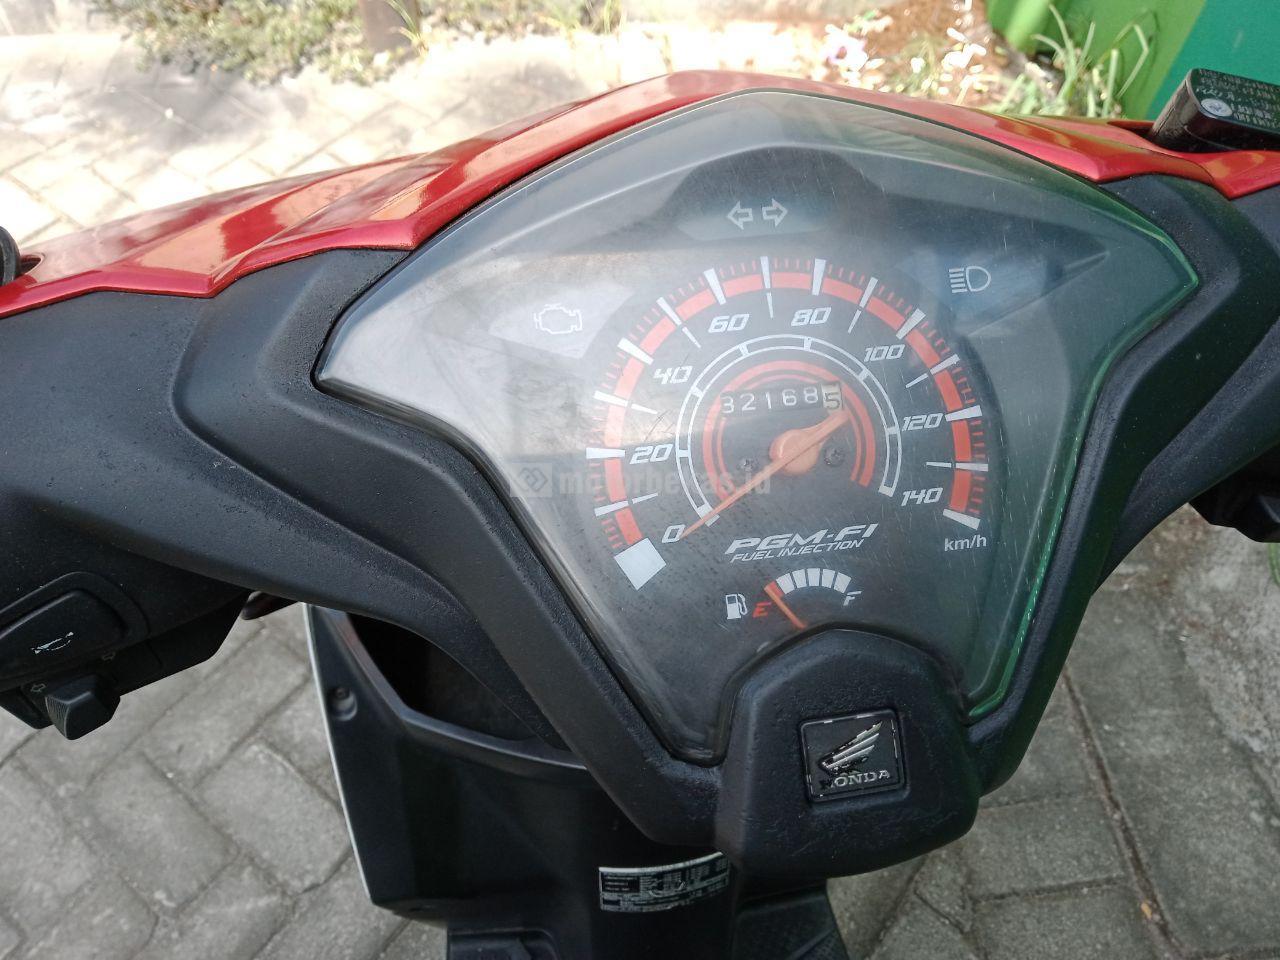 HONDA BEAT FI 2992 motorbekas.id